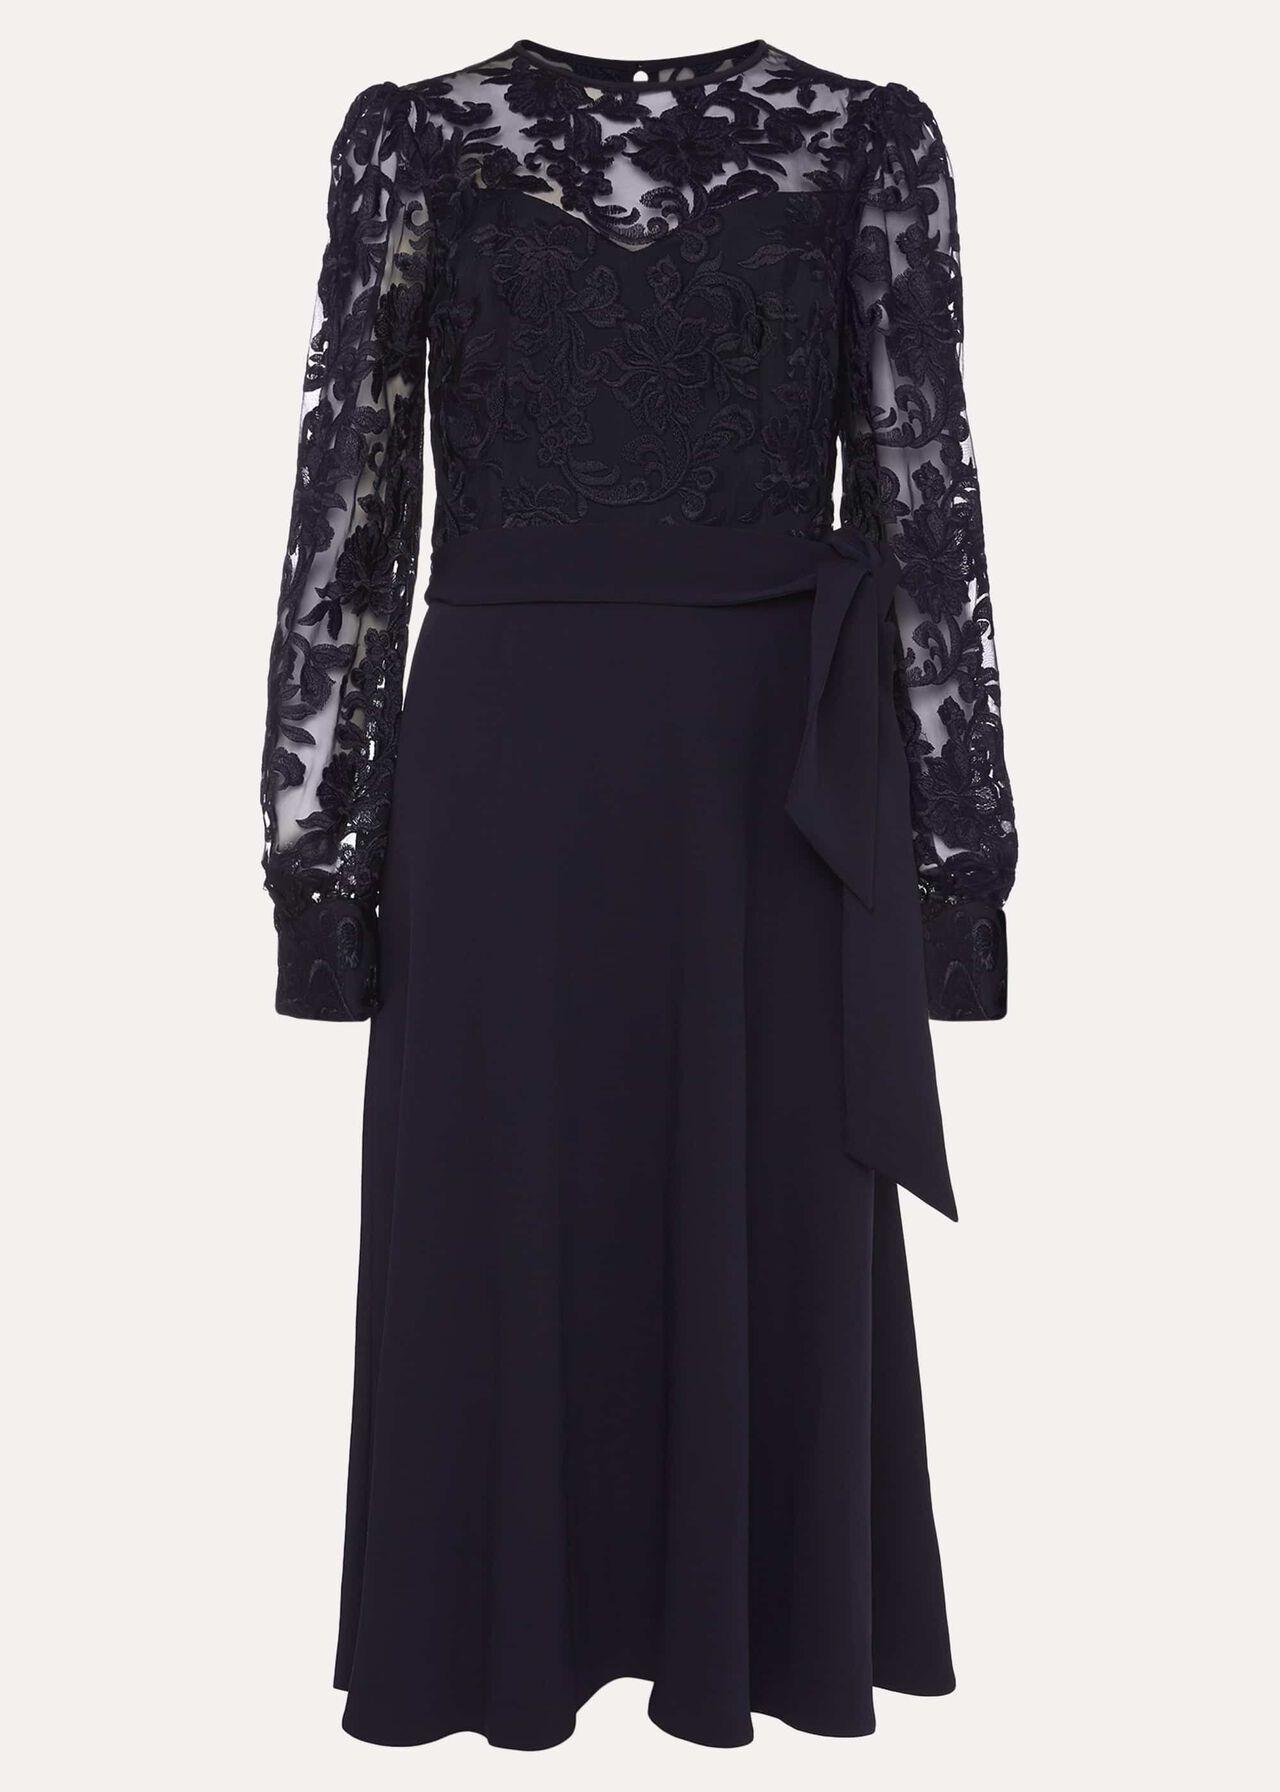 Akira Lace Dress